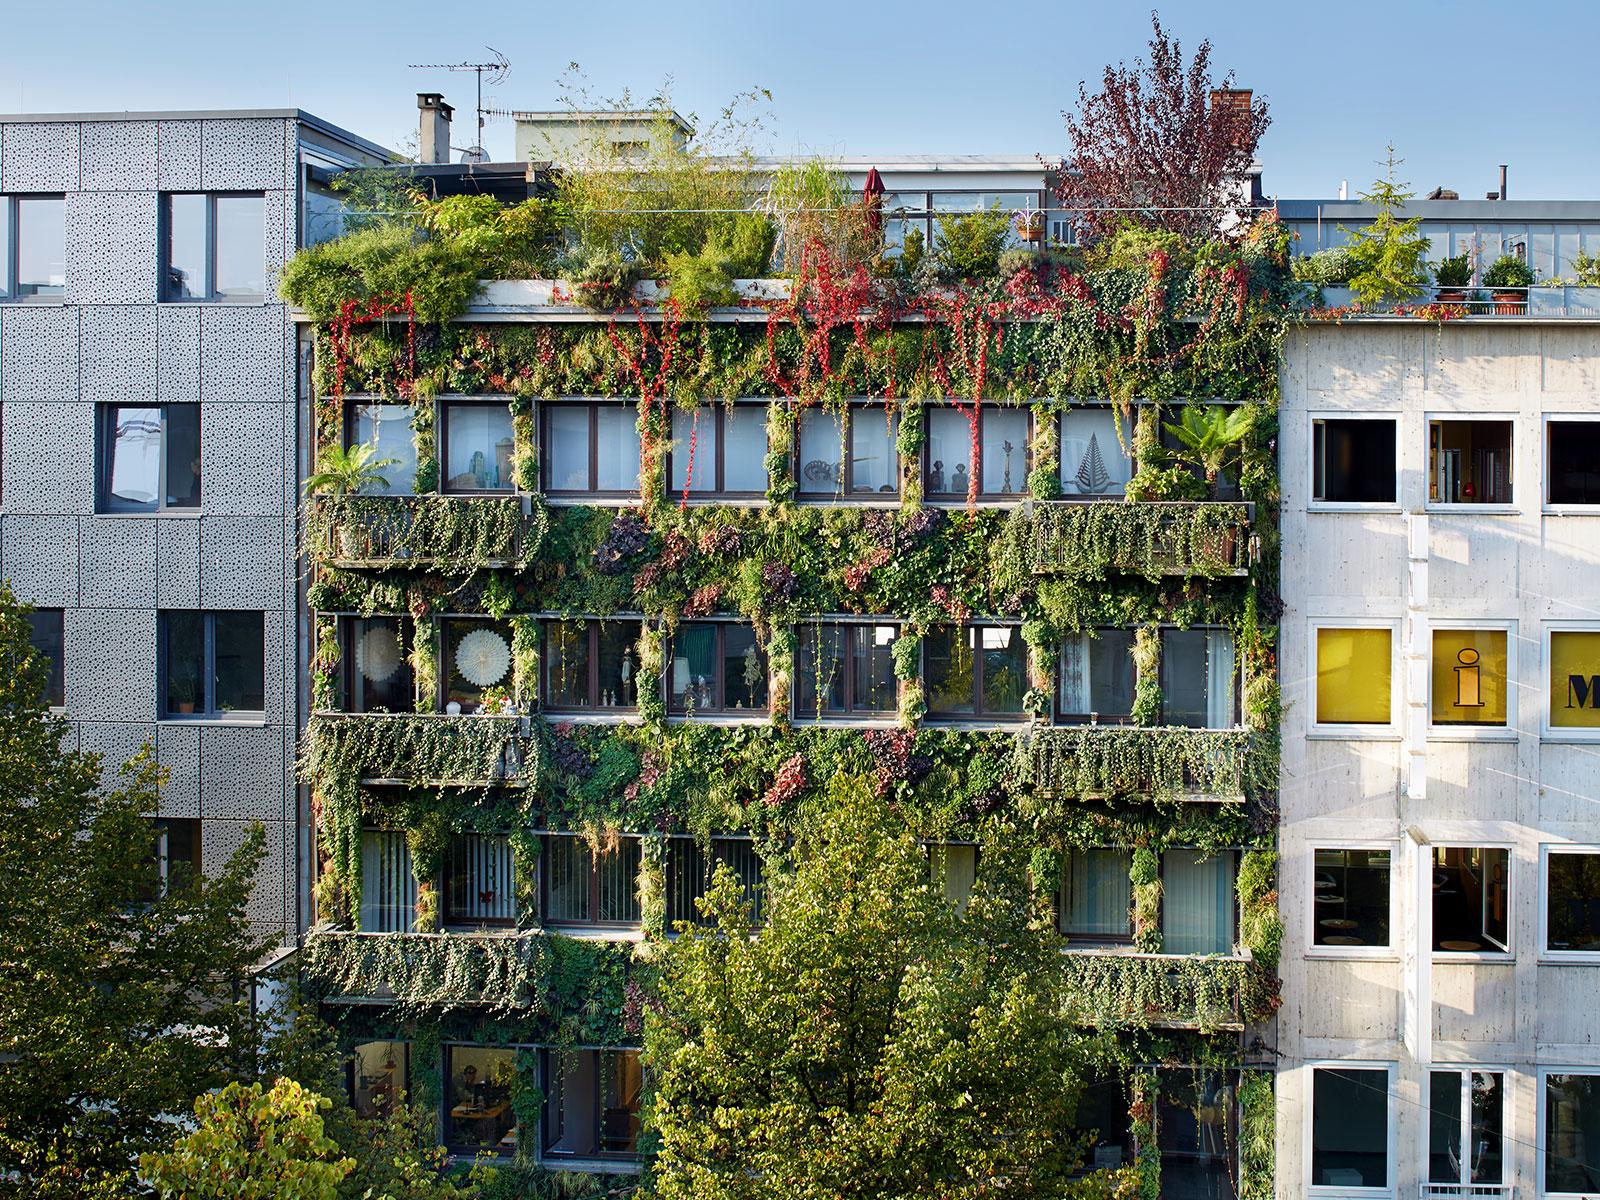 Fassadenbegrünung in der Stadt positive und negative Seiten